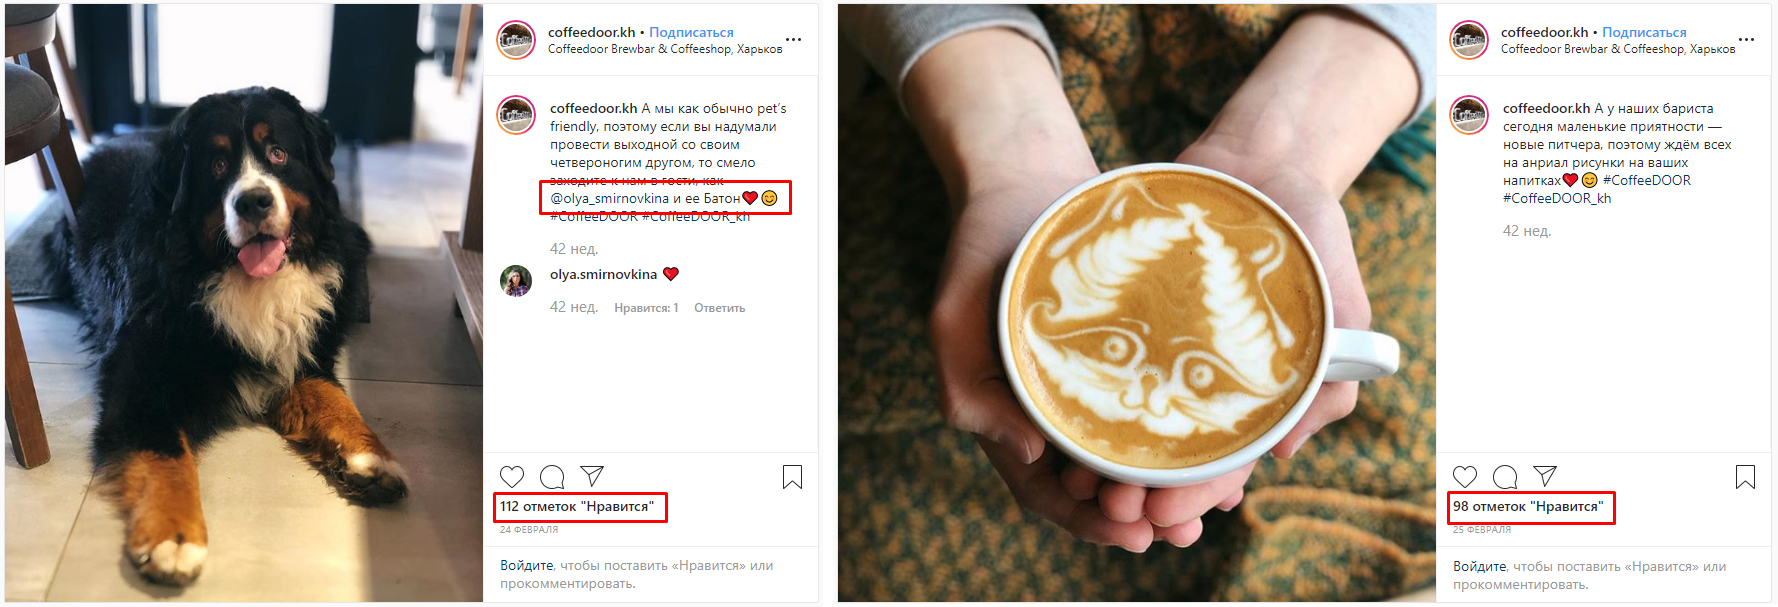 UGC_coffeedoor.kh